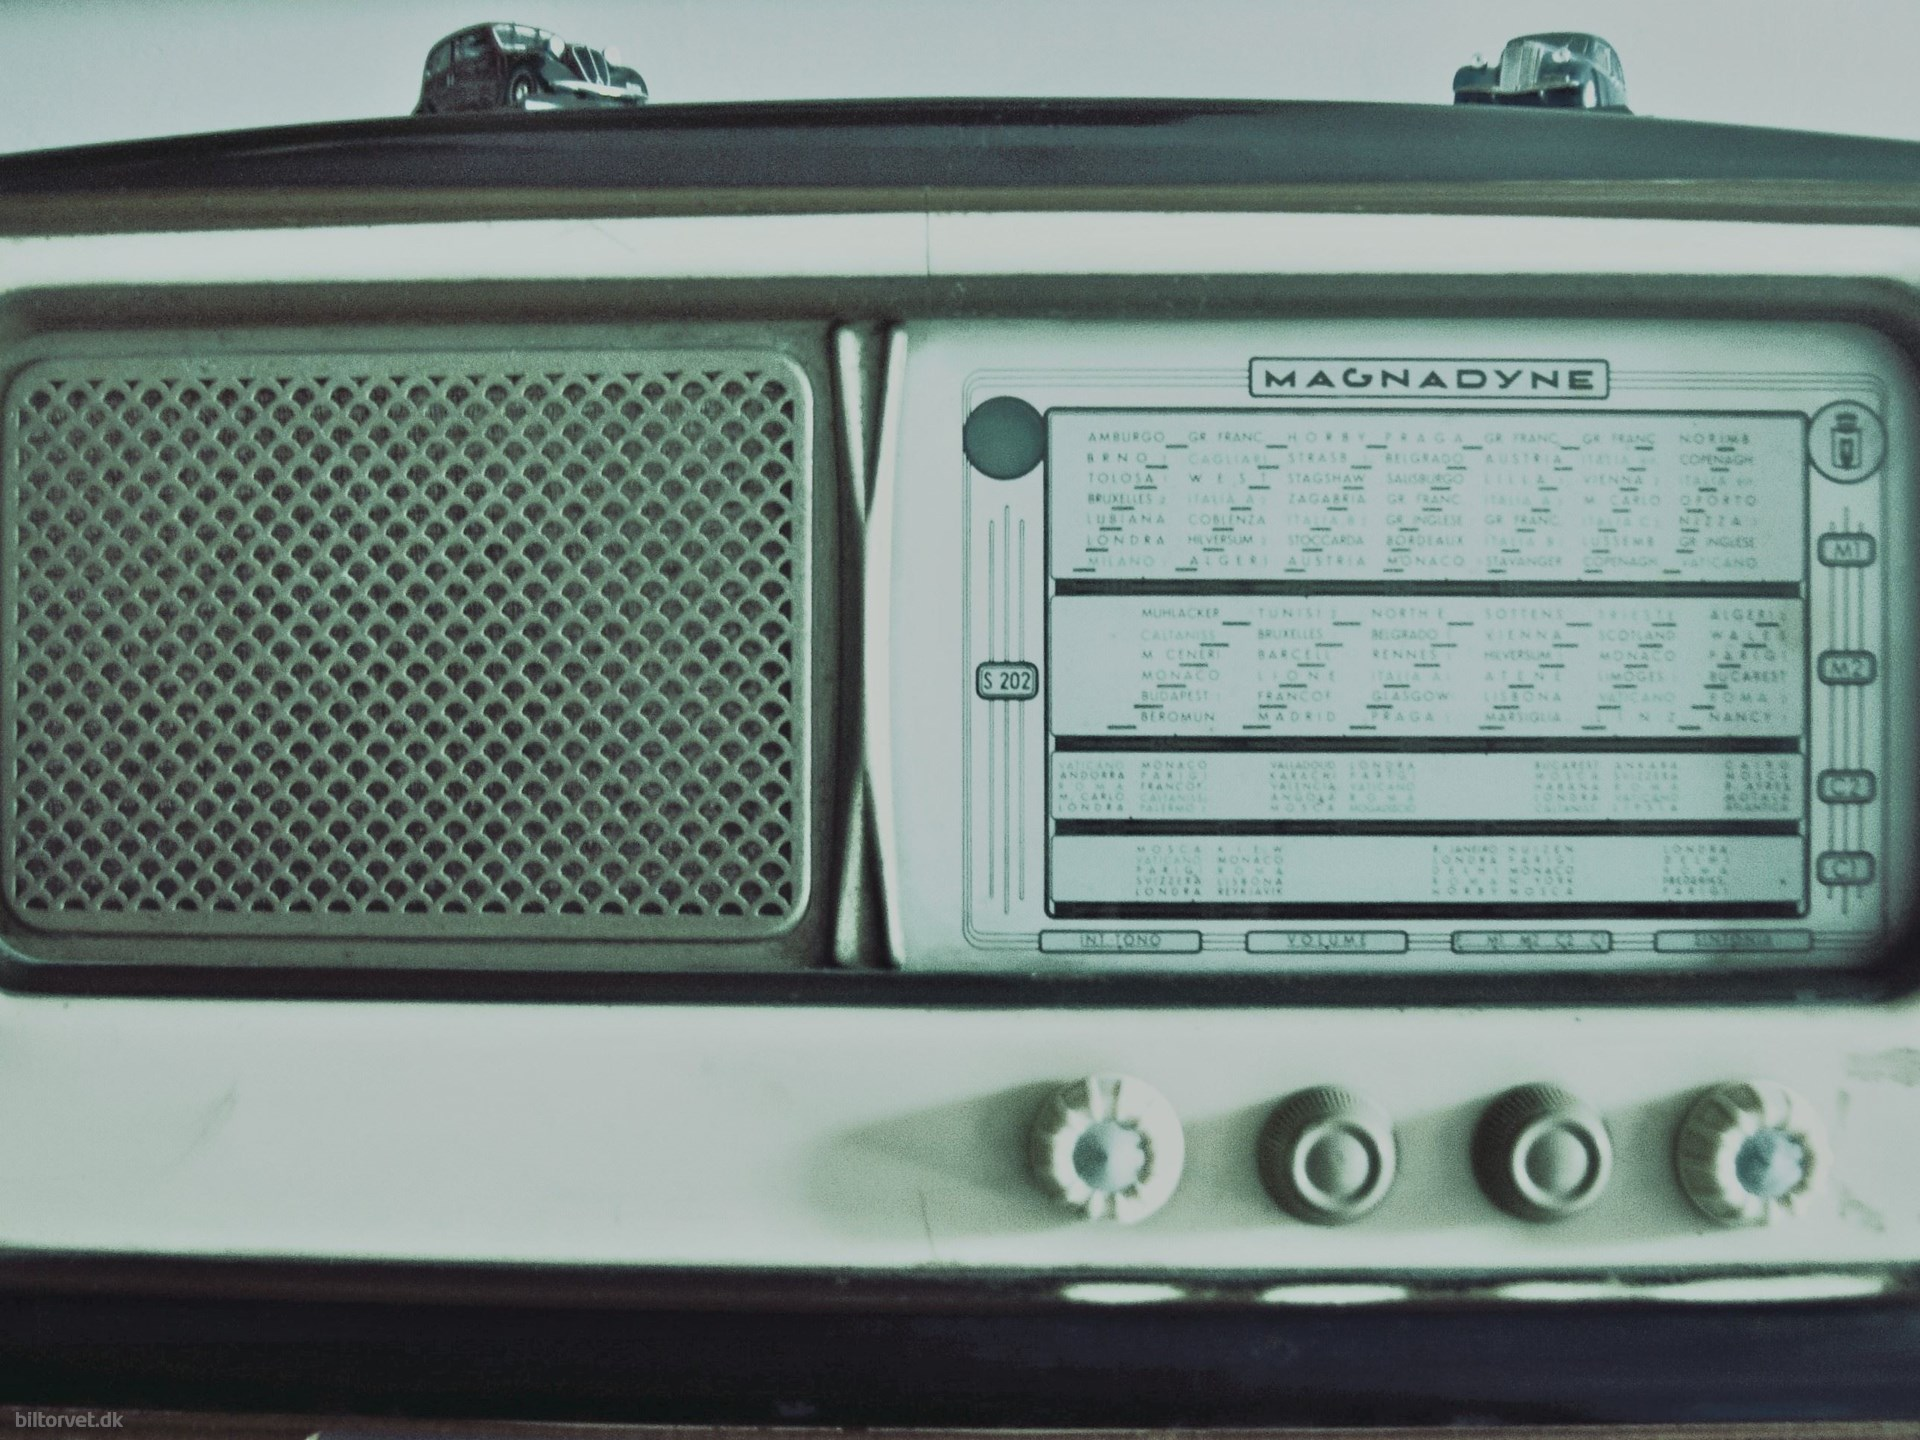 FM-tuner antenne tilslutning